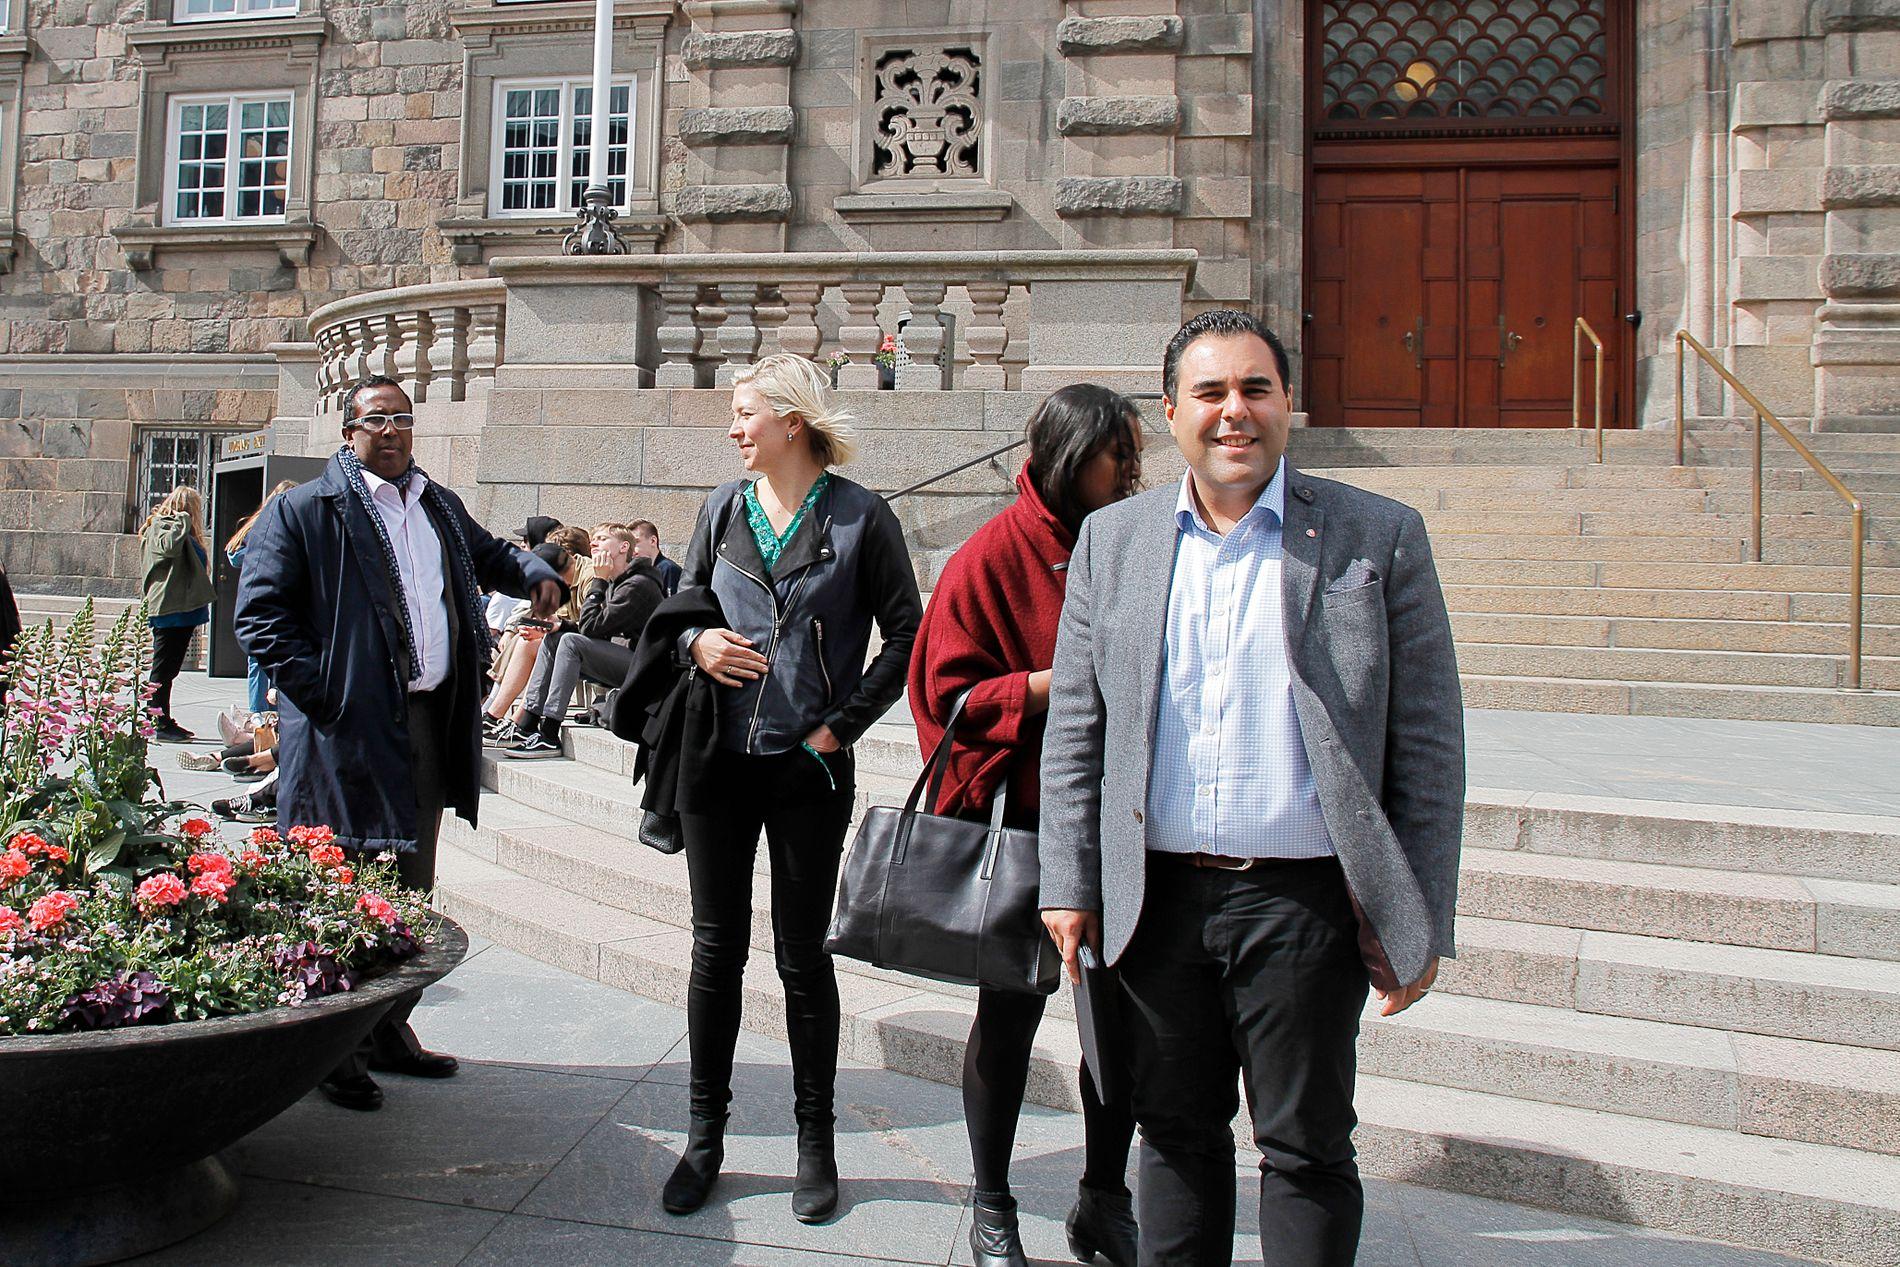 NYTT? Forslagene til Aps migrasjonsutvalg og lederen Masud Gharahkhani skaper reaksjoner.